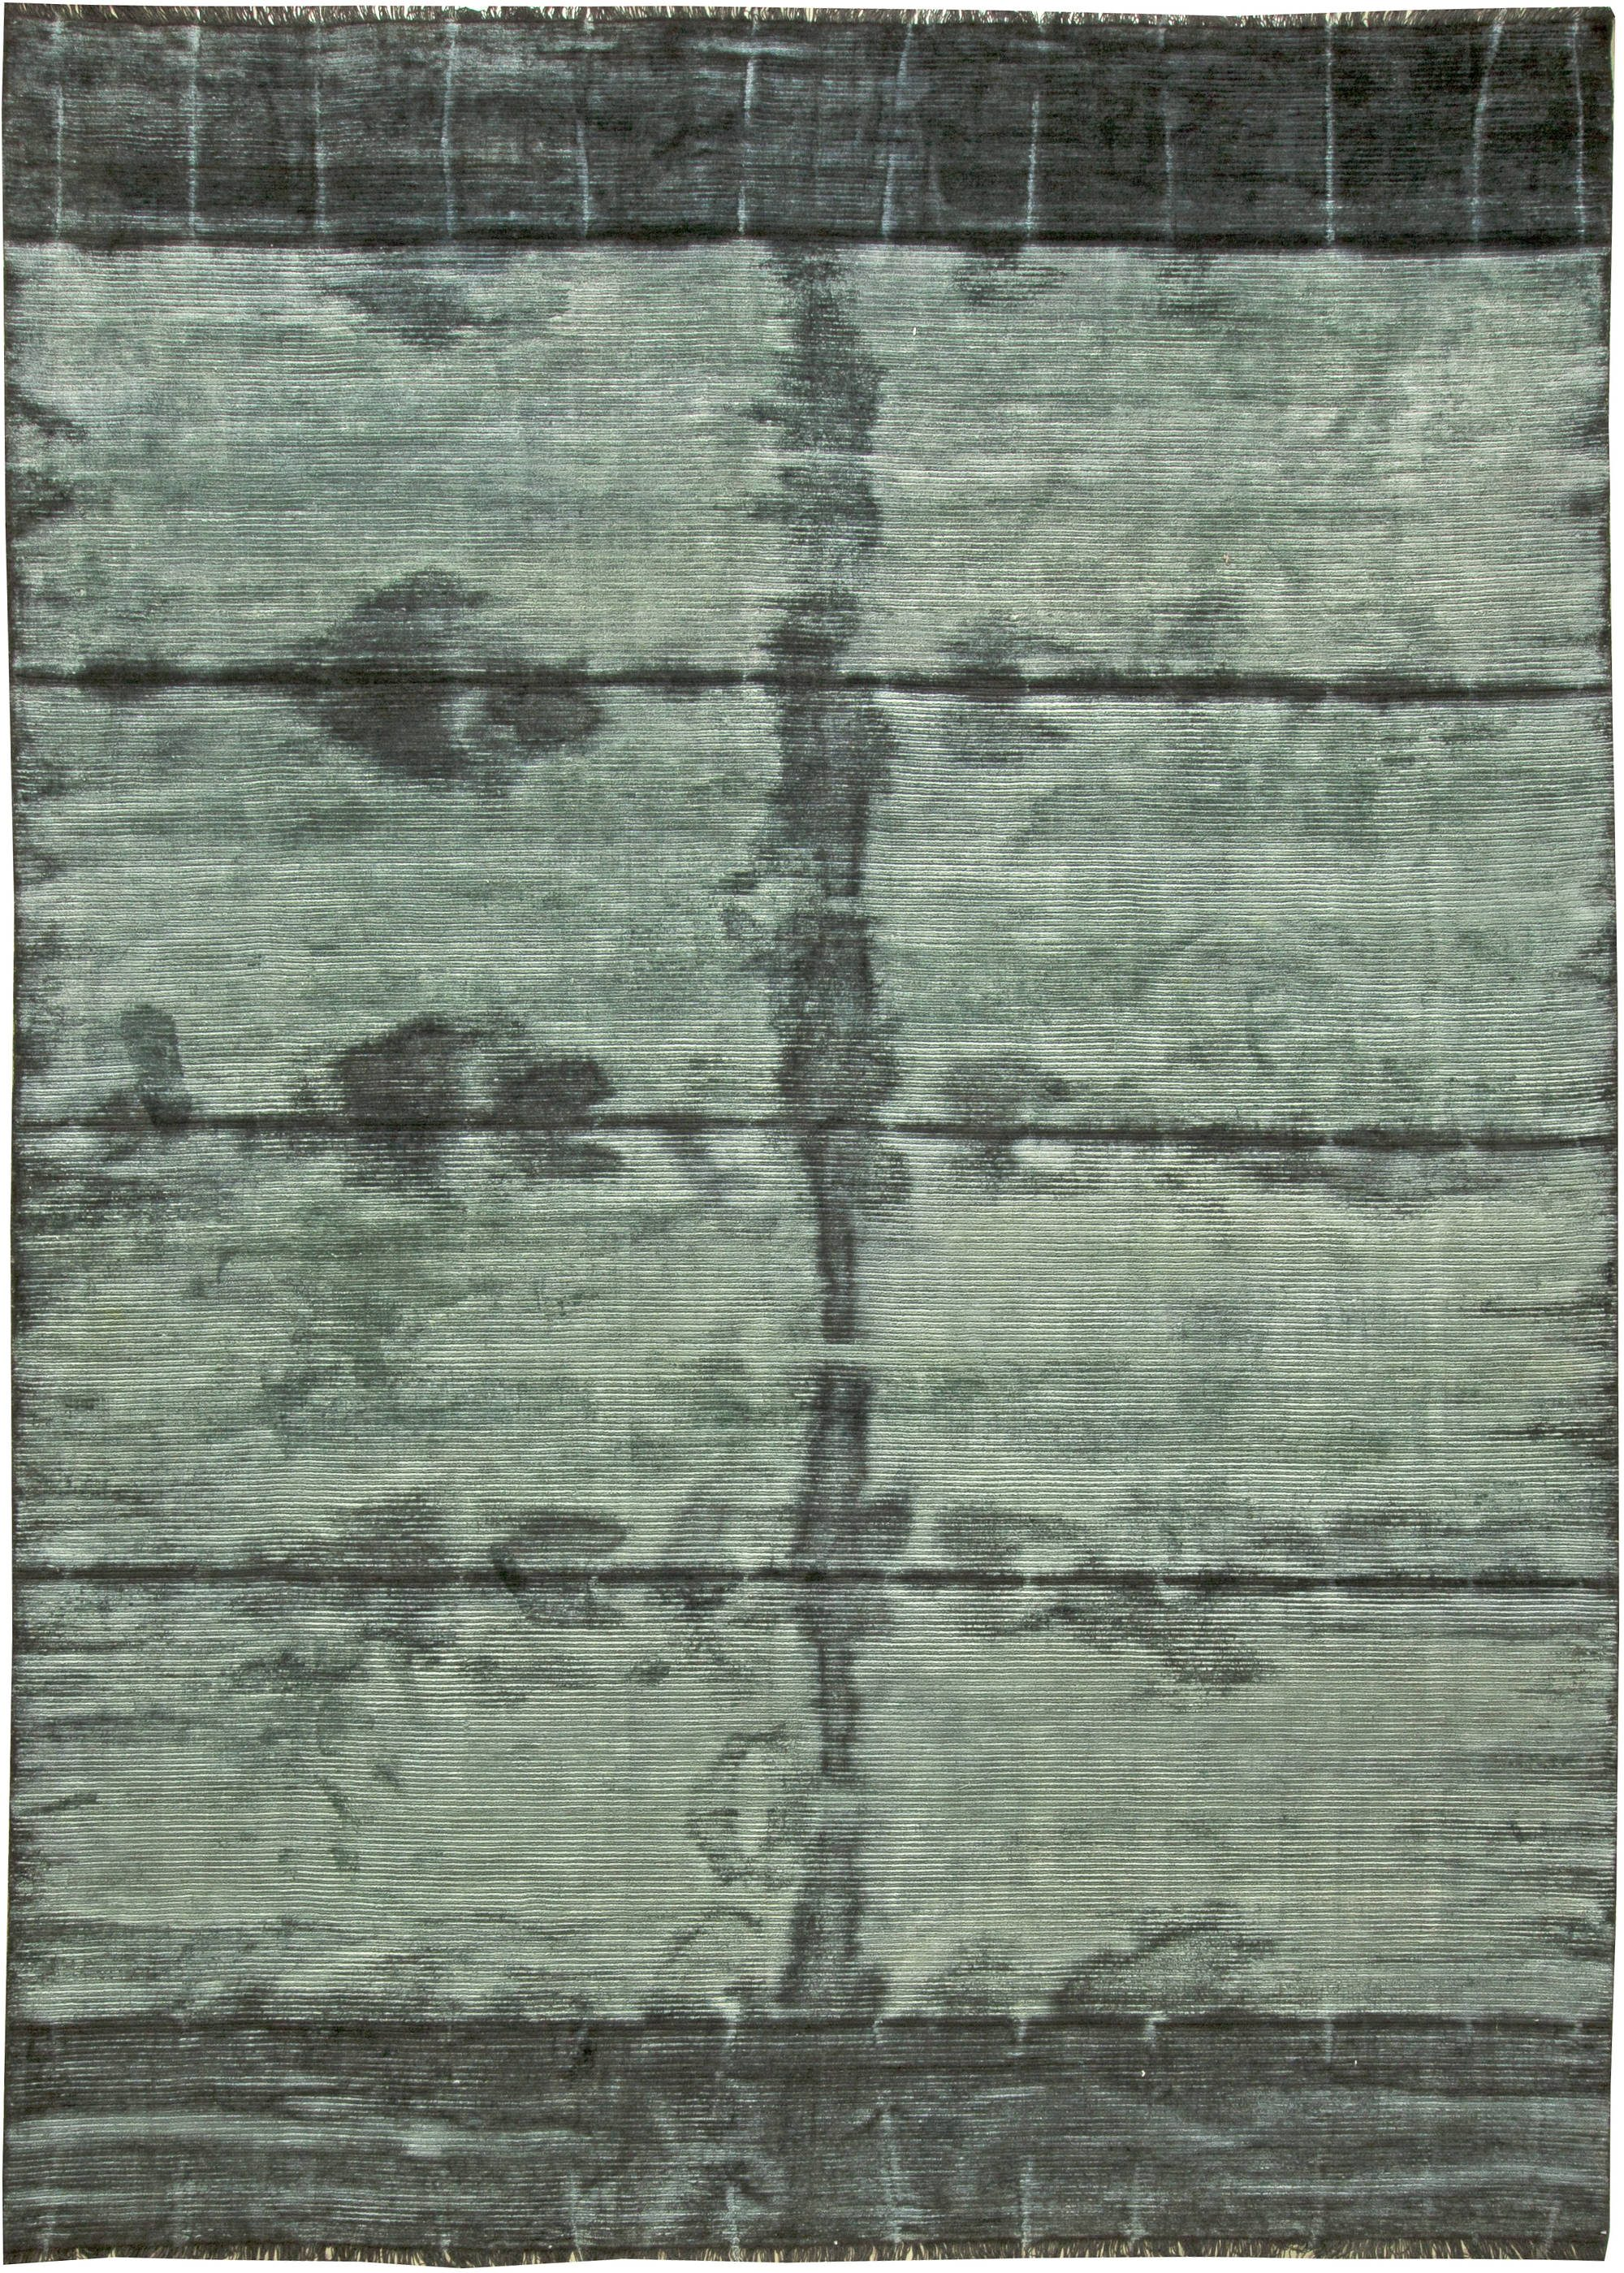 Teal Tie Dye Modern Rug N11301 By Dlb